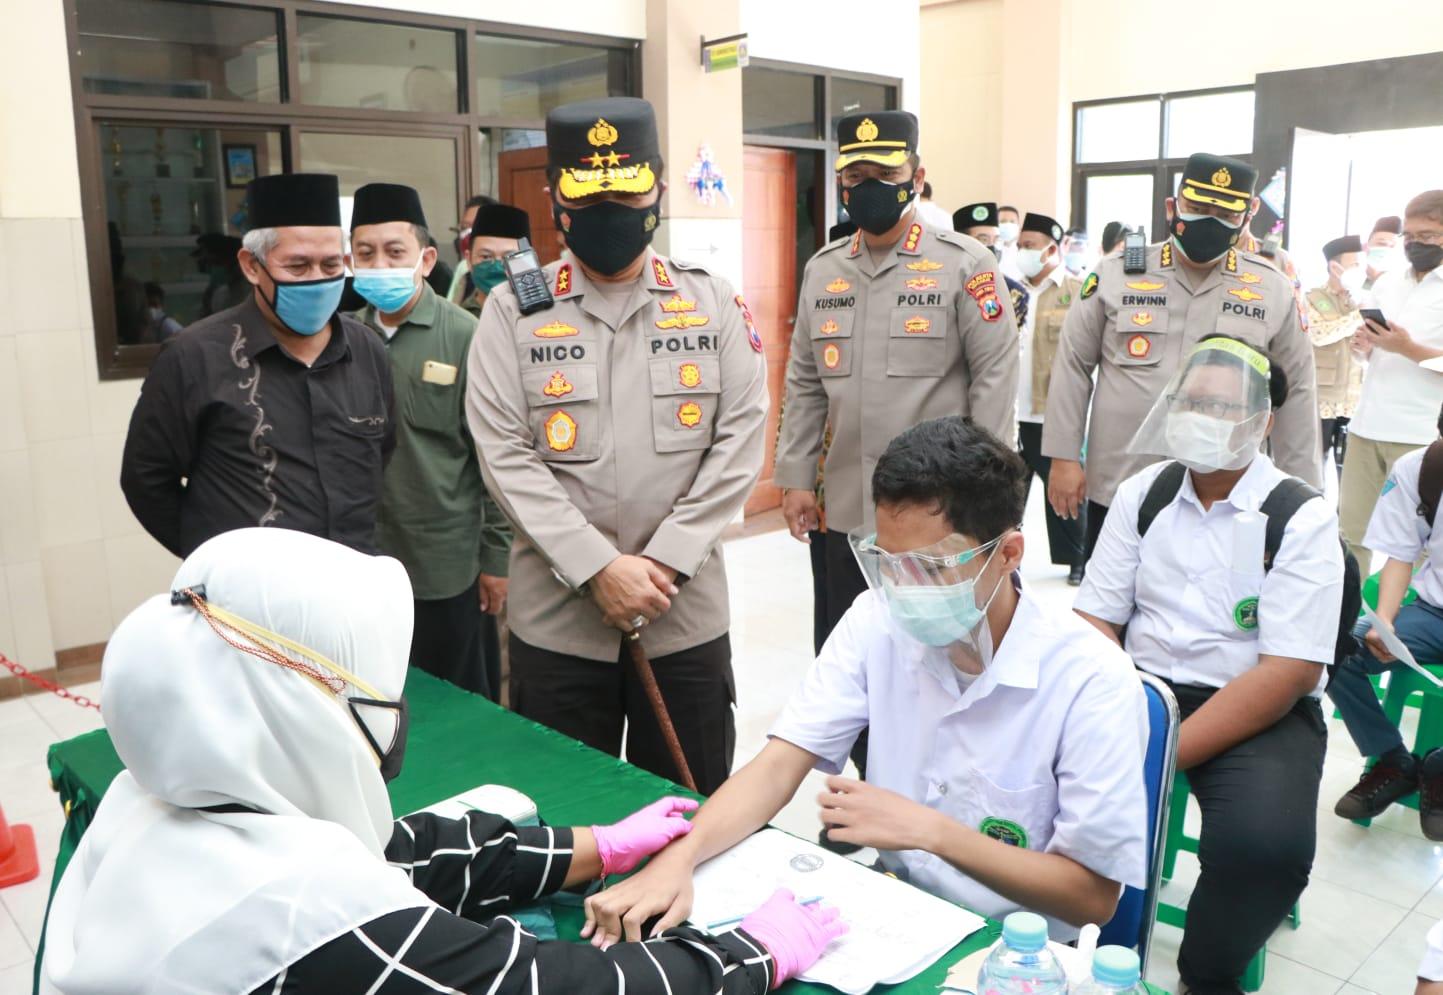 PoldaJatim Gandeng PWNU Sukseskan Vaksinasi Percepatan Herd Immunity | Memo Surabaya